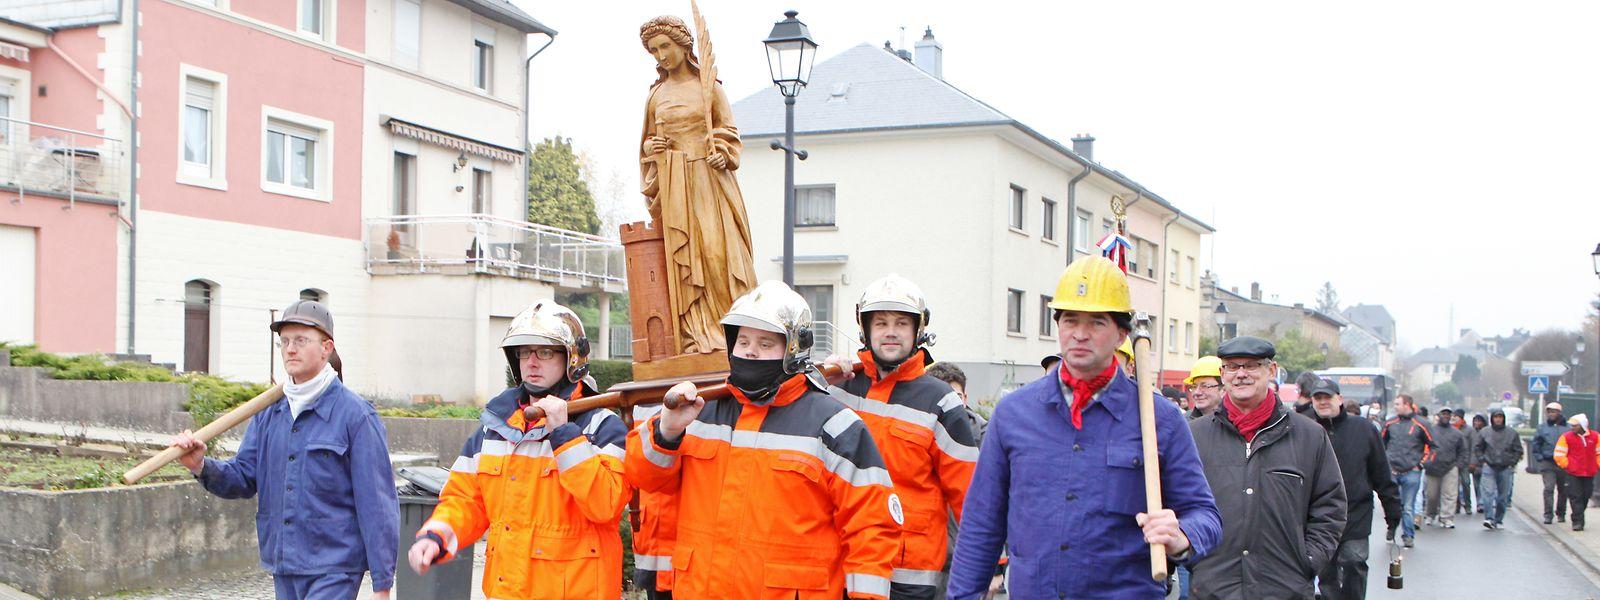 Am 4. Dezember wird Tradition der Barbarafeier in Tetingen weiterhin hoch gehalten.